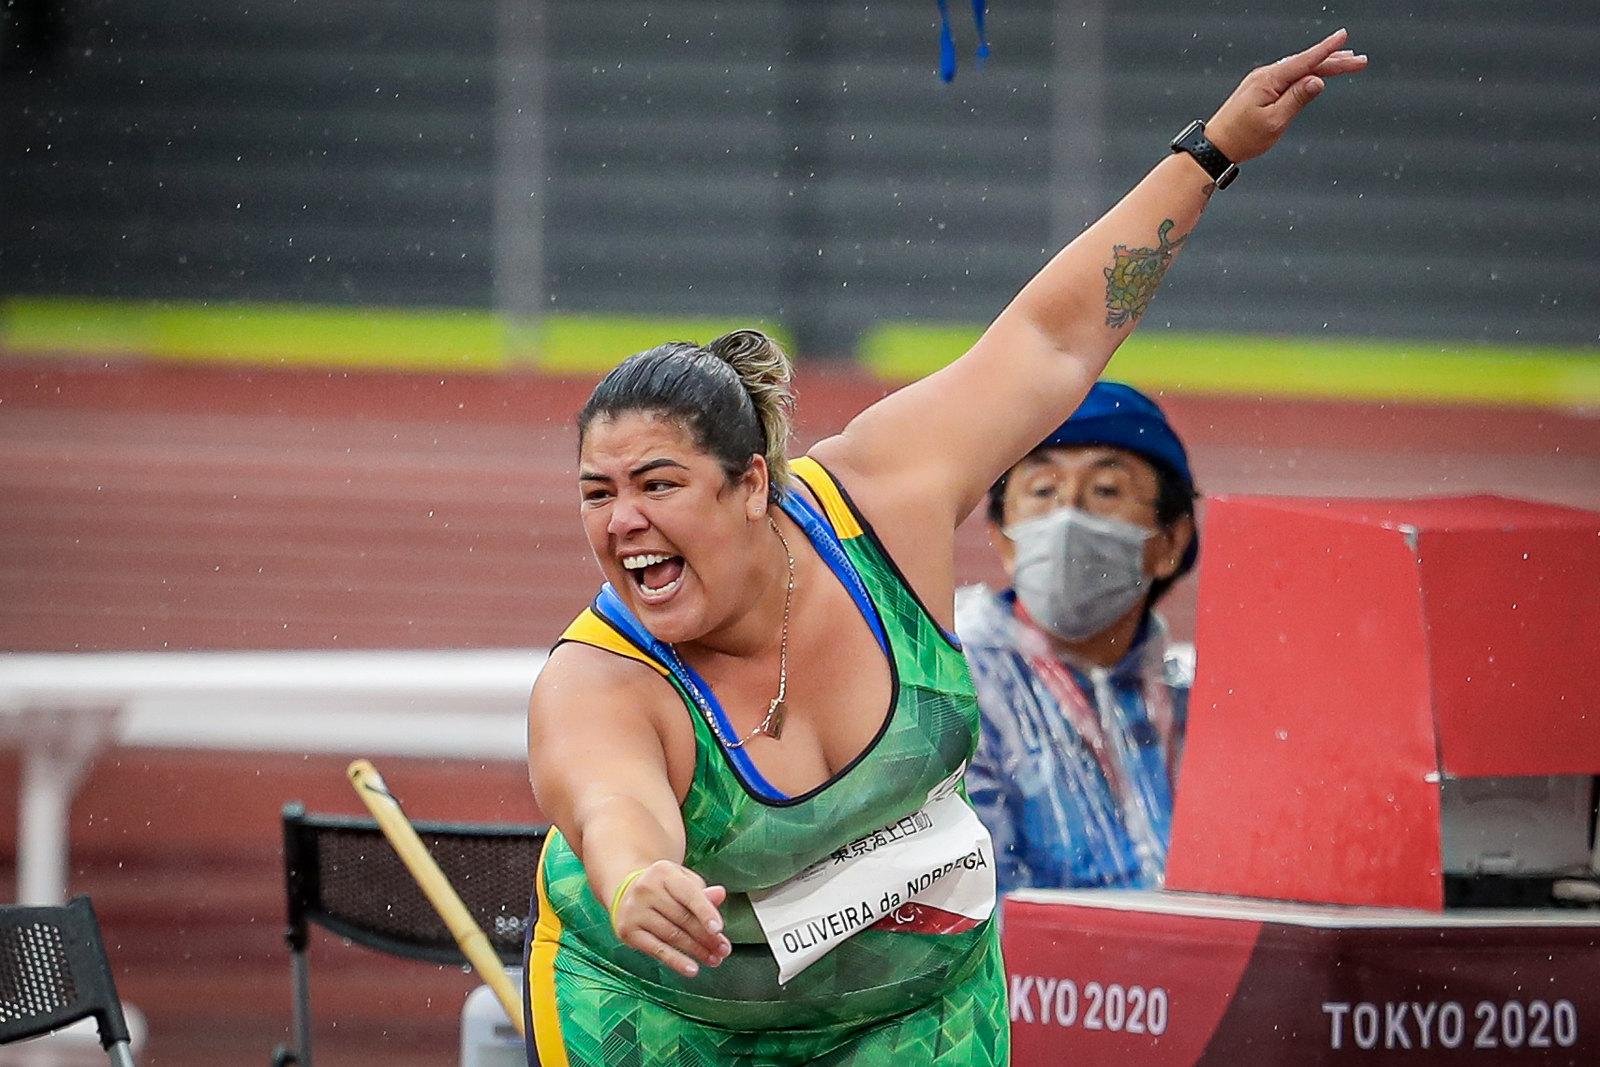 Marivana Oliveira da Nóbrega com mão para frente e boca aberta após um arremesso